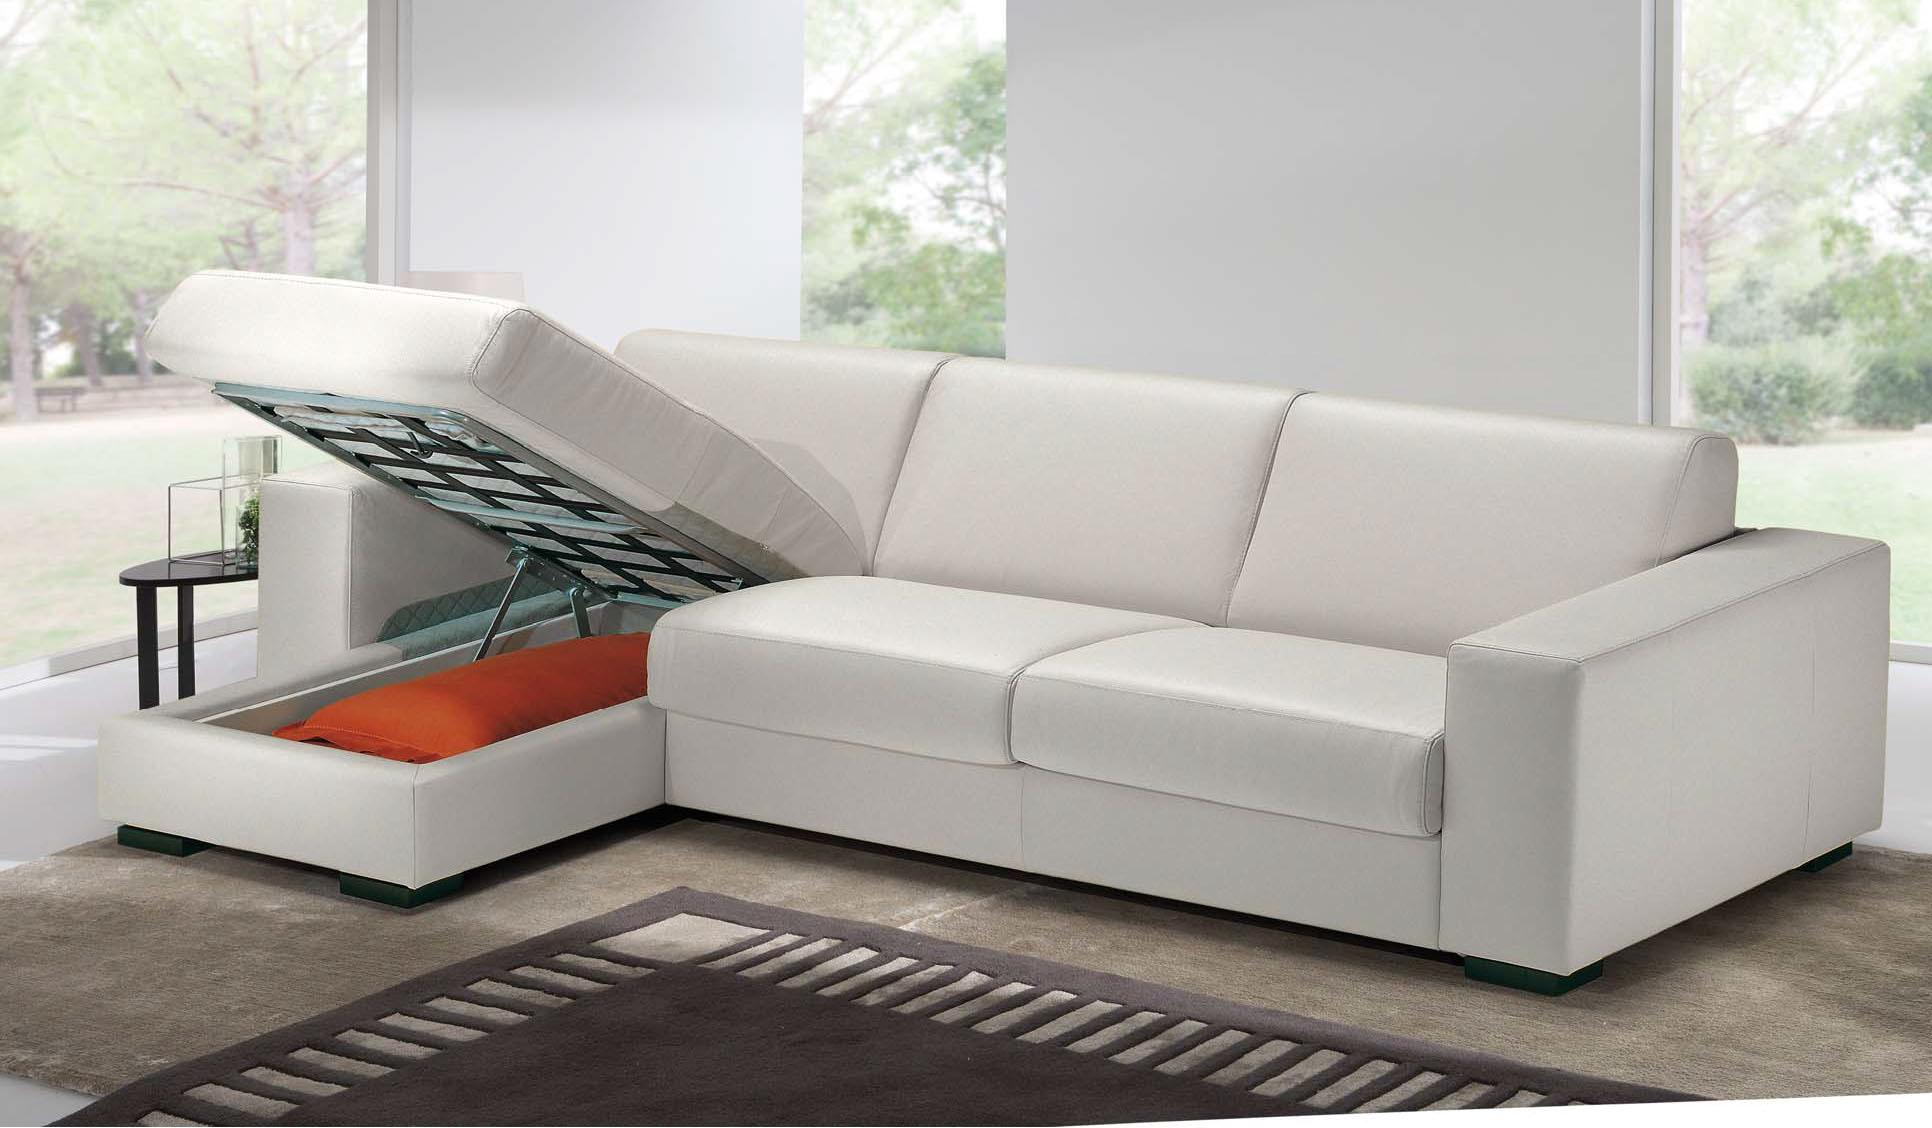 King meubles meubles contemporains aux prix les plus bas for Meubles bas salon contemporain